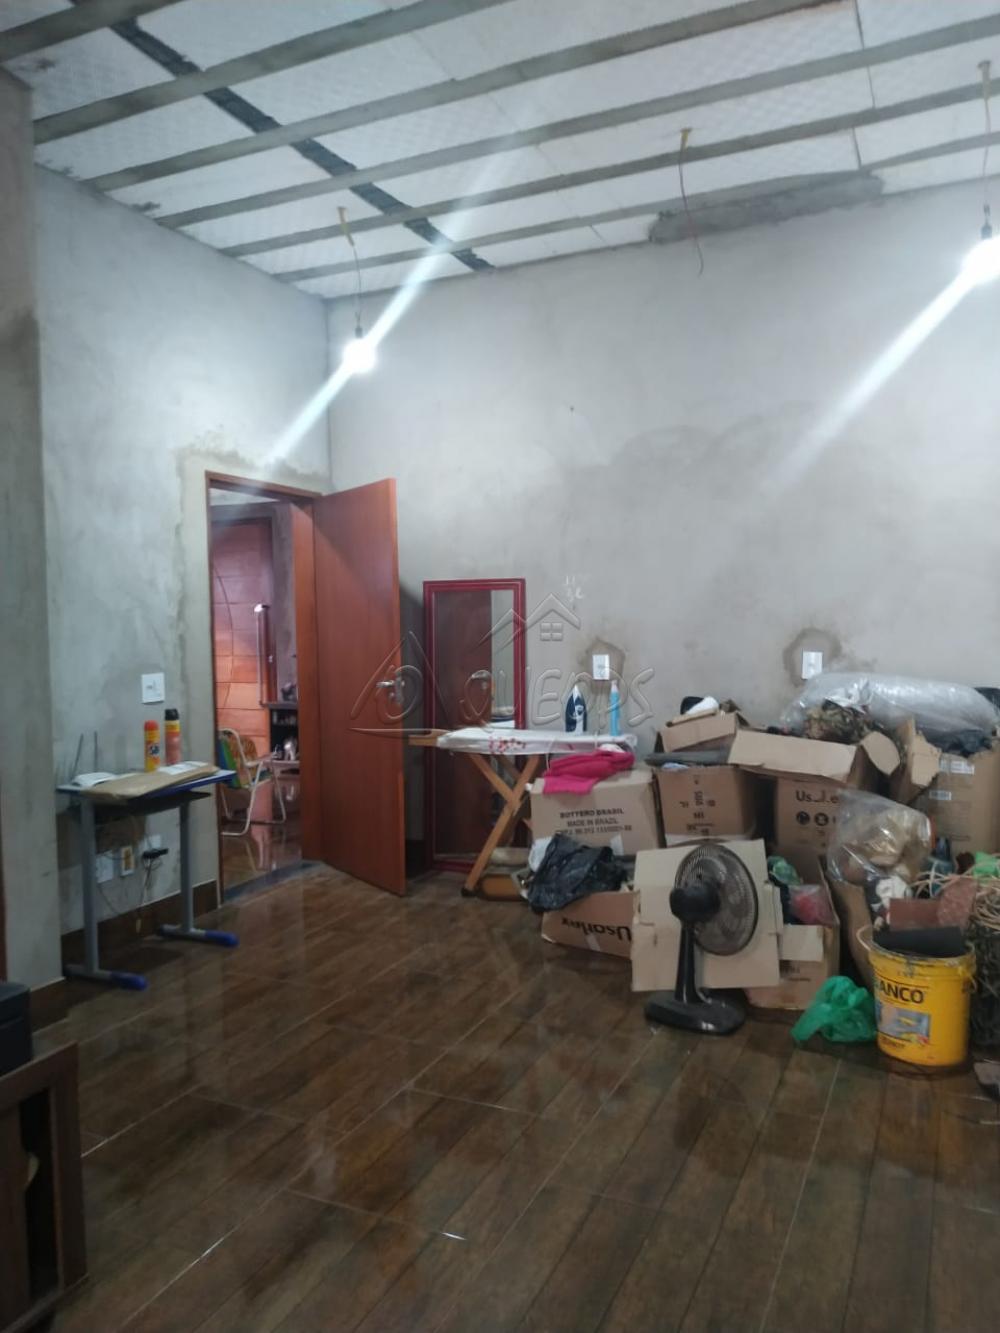 Comprar Casa / Padrão em Barretos apenas R$ 280.000,00 - Foto 5